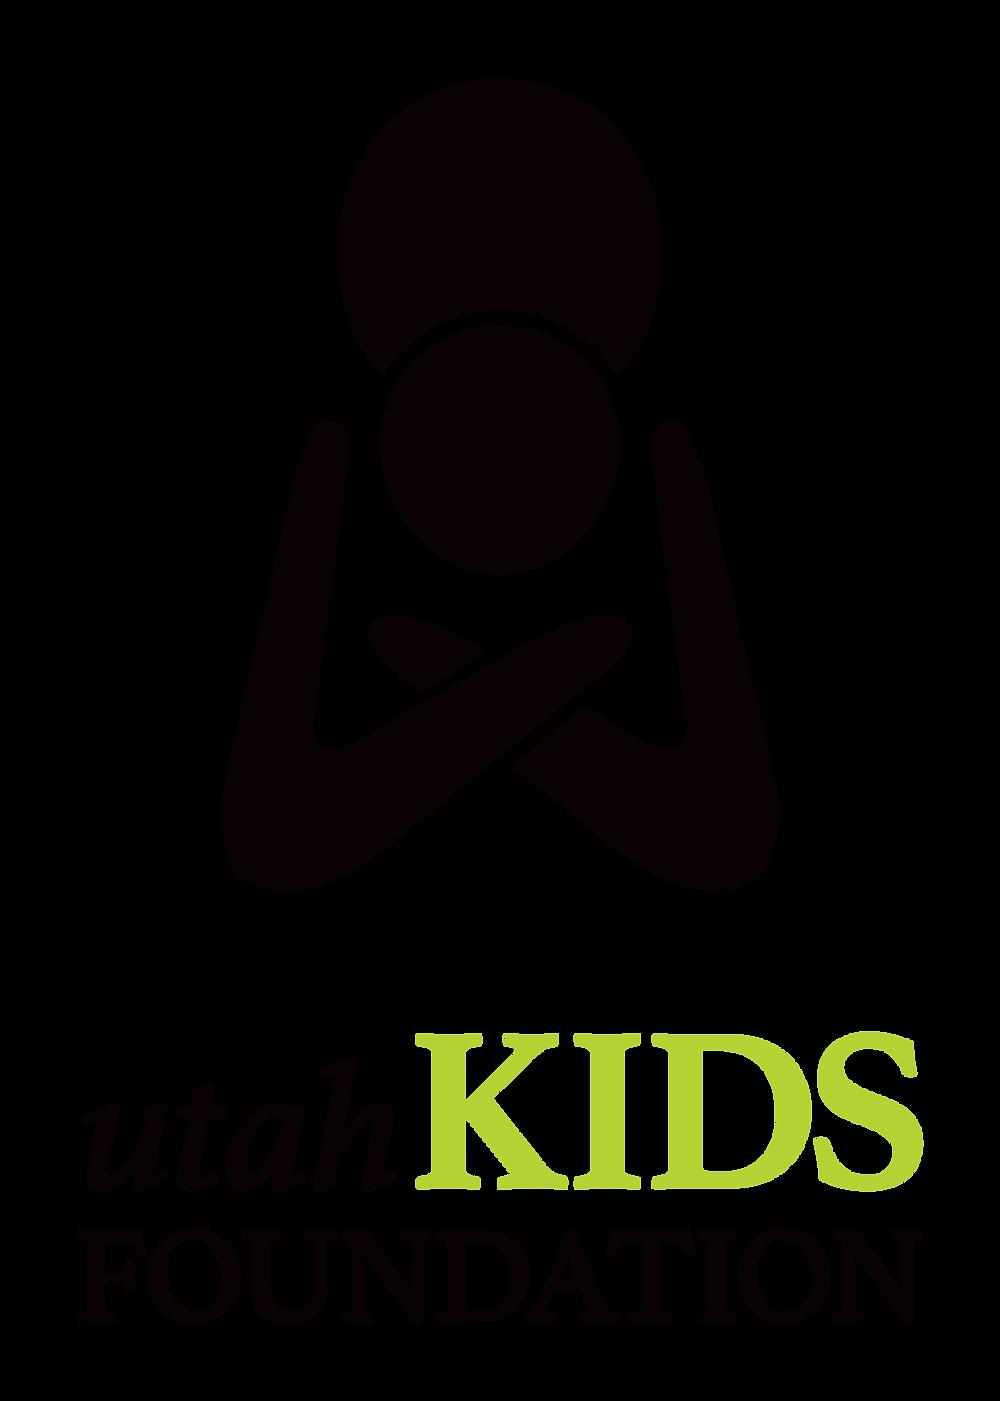 Logo for Utah Kids Foundation